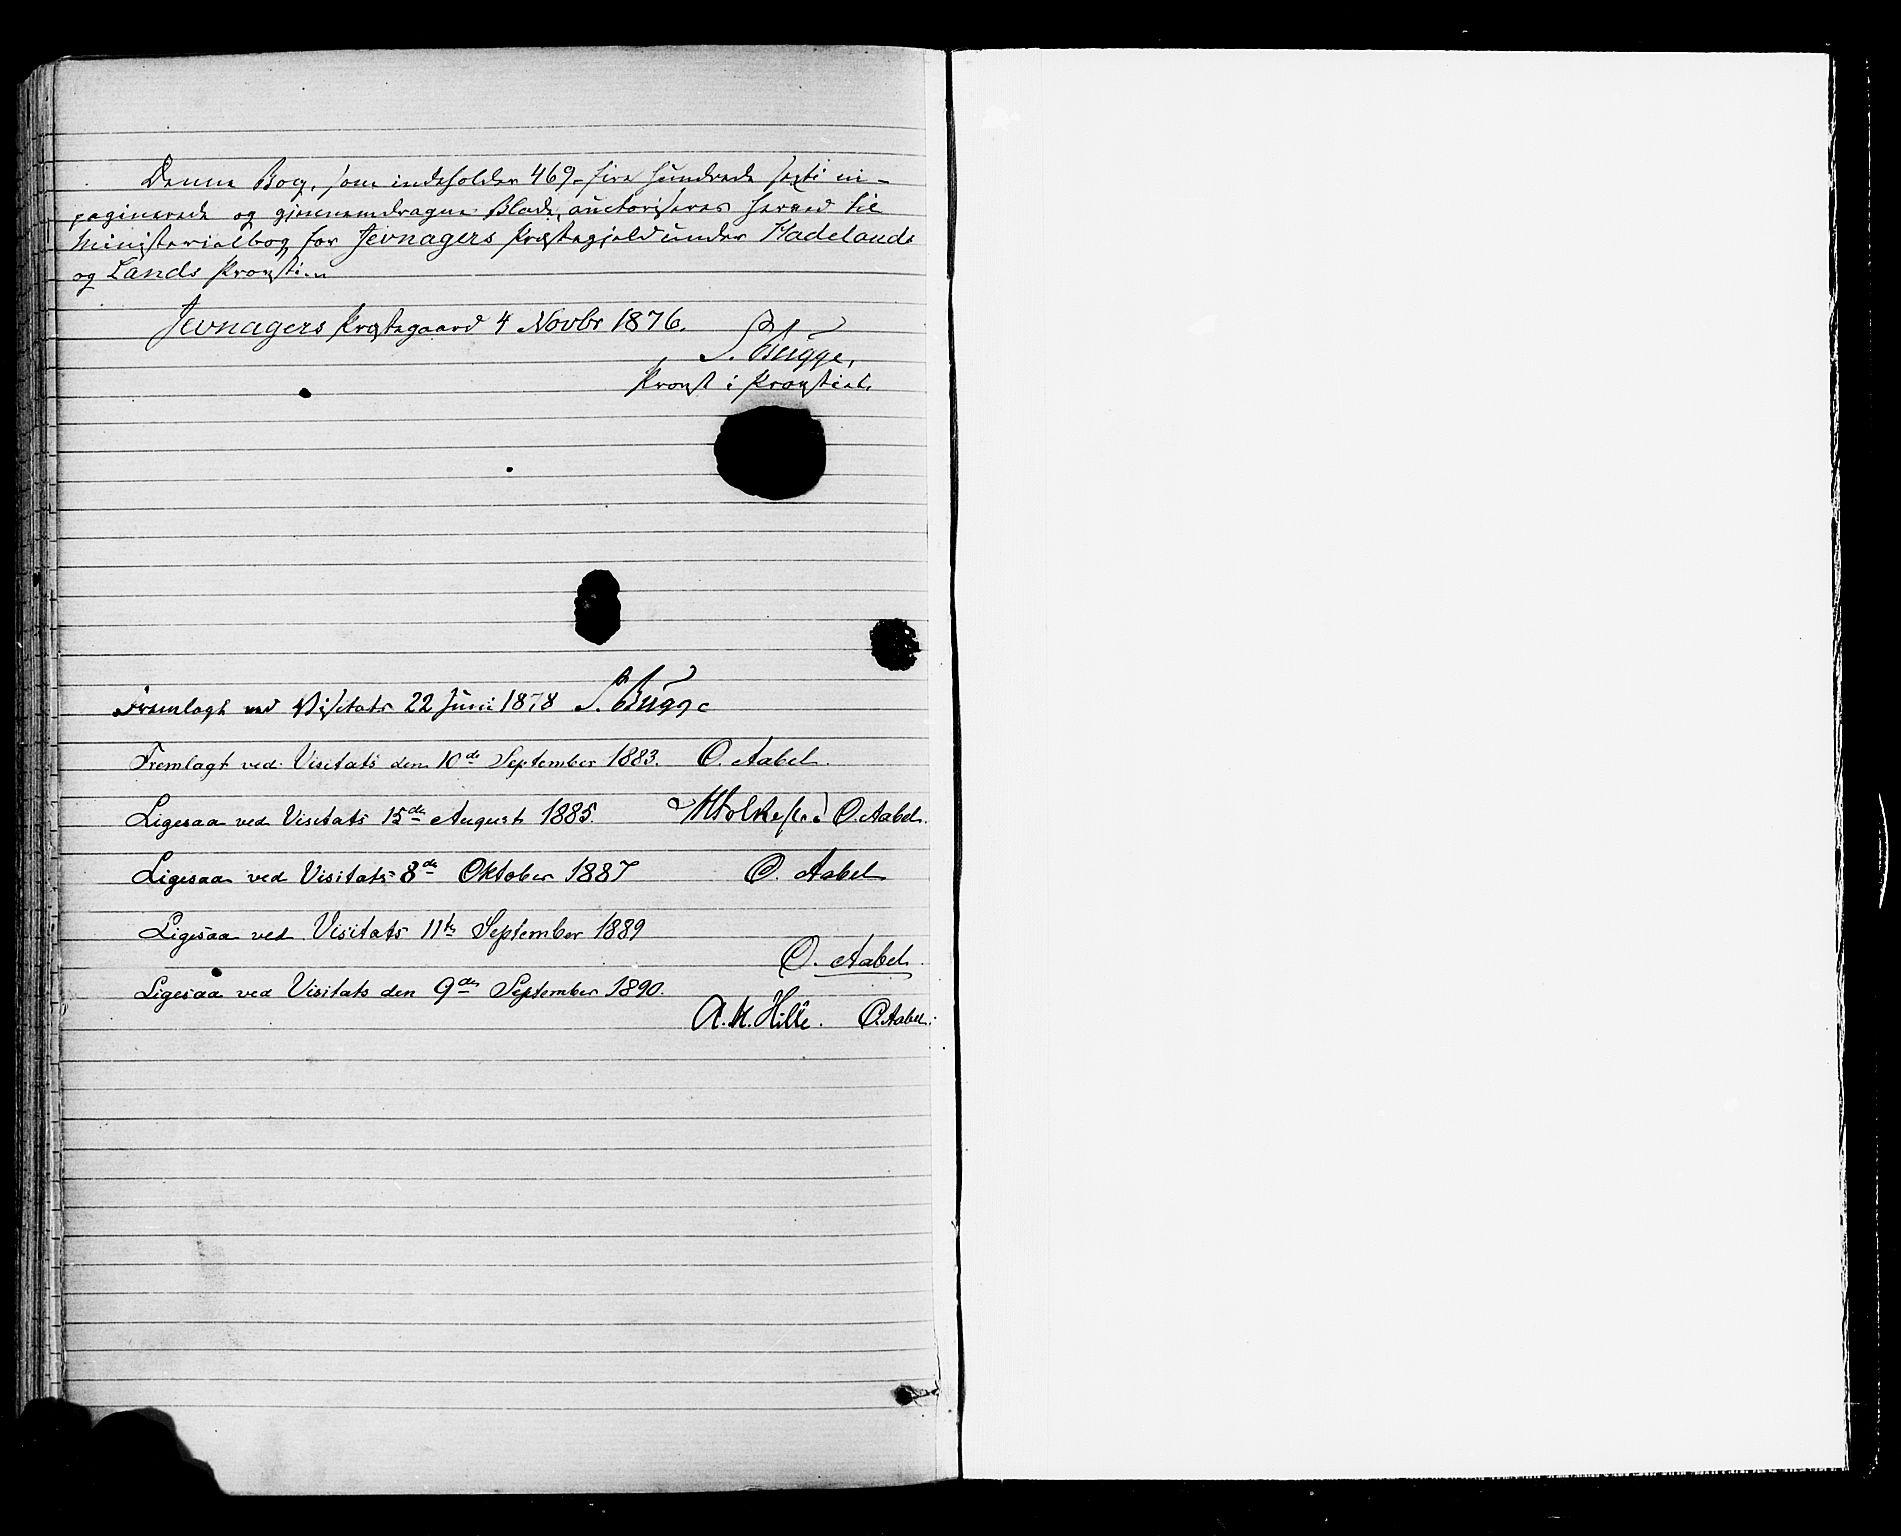 SAH, Jevnaker prestekontor, Ministerialbok nr. 8, 1877-1890